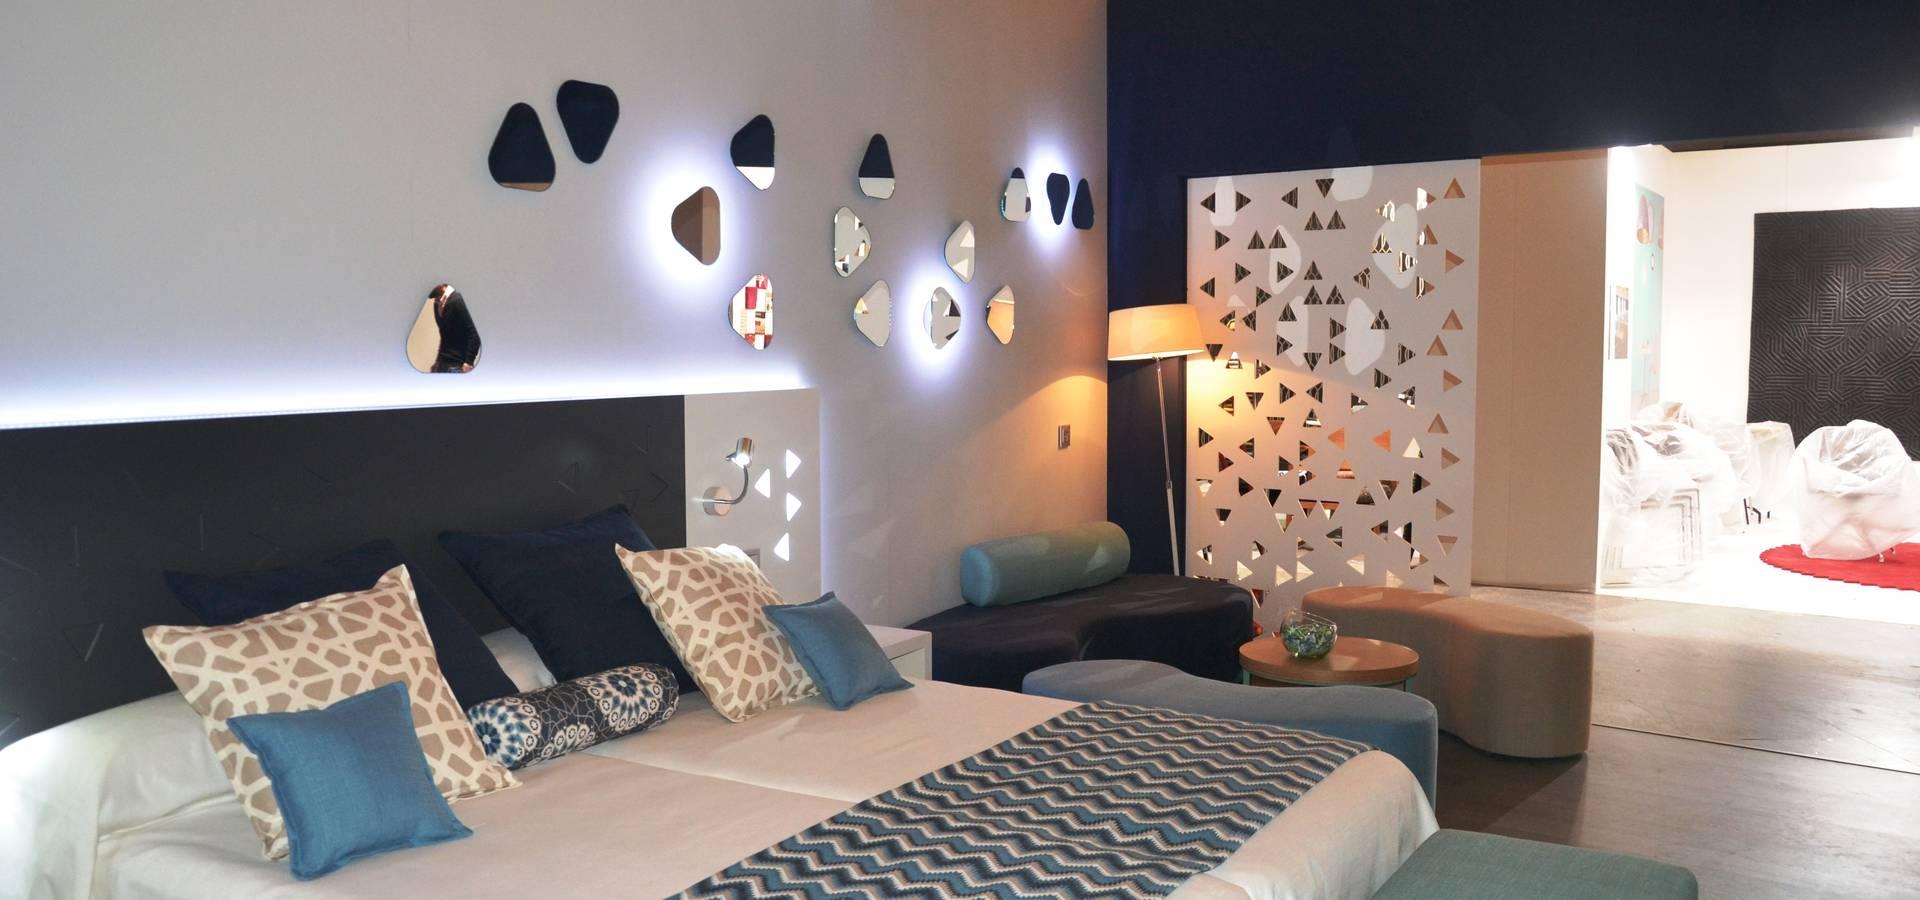 Dise O Del Stand Los Muebles Y El Interiorismo Para Mobenia Y  # Quartos Muebles